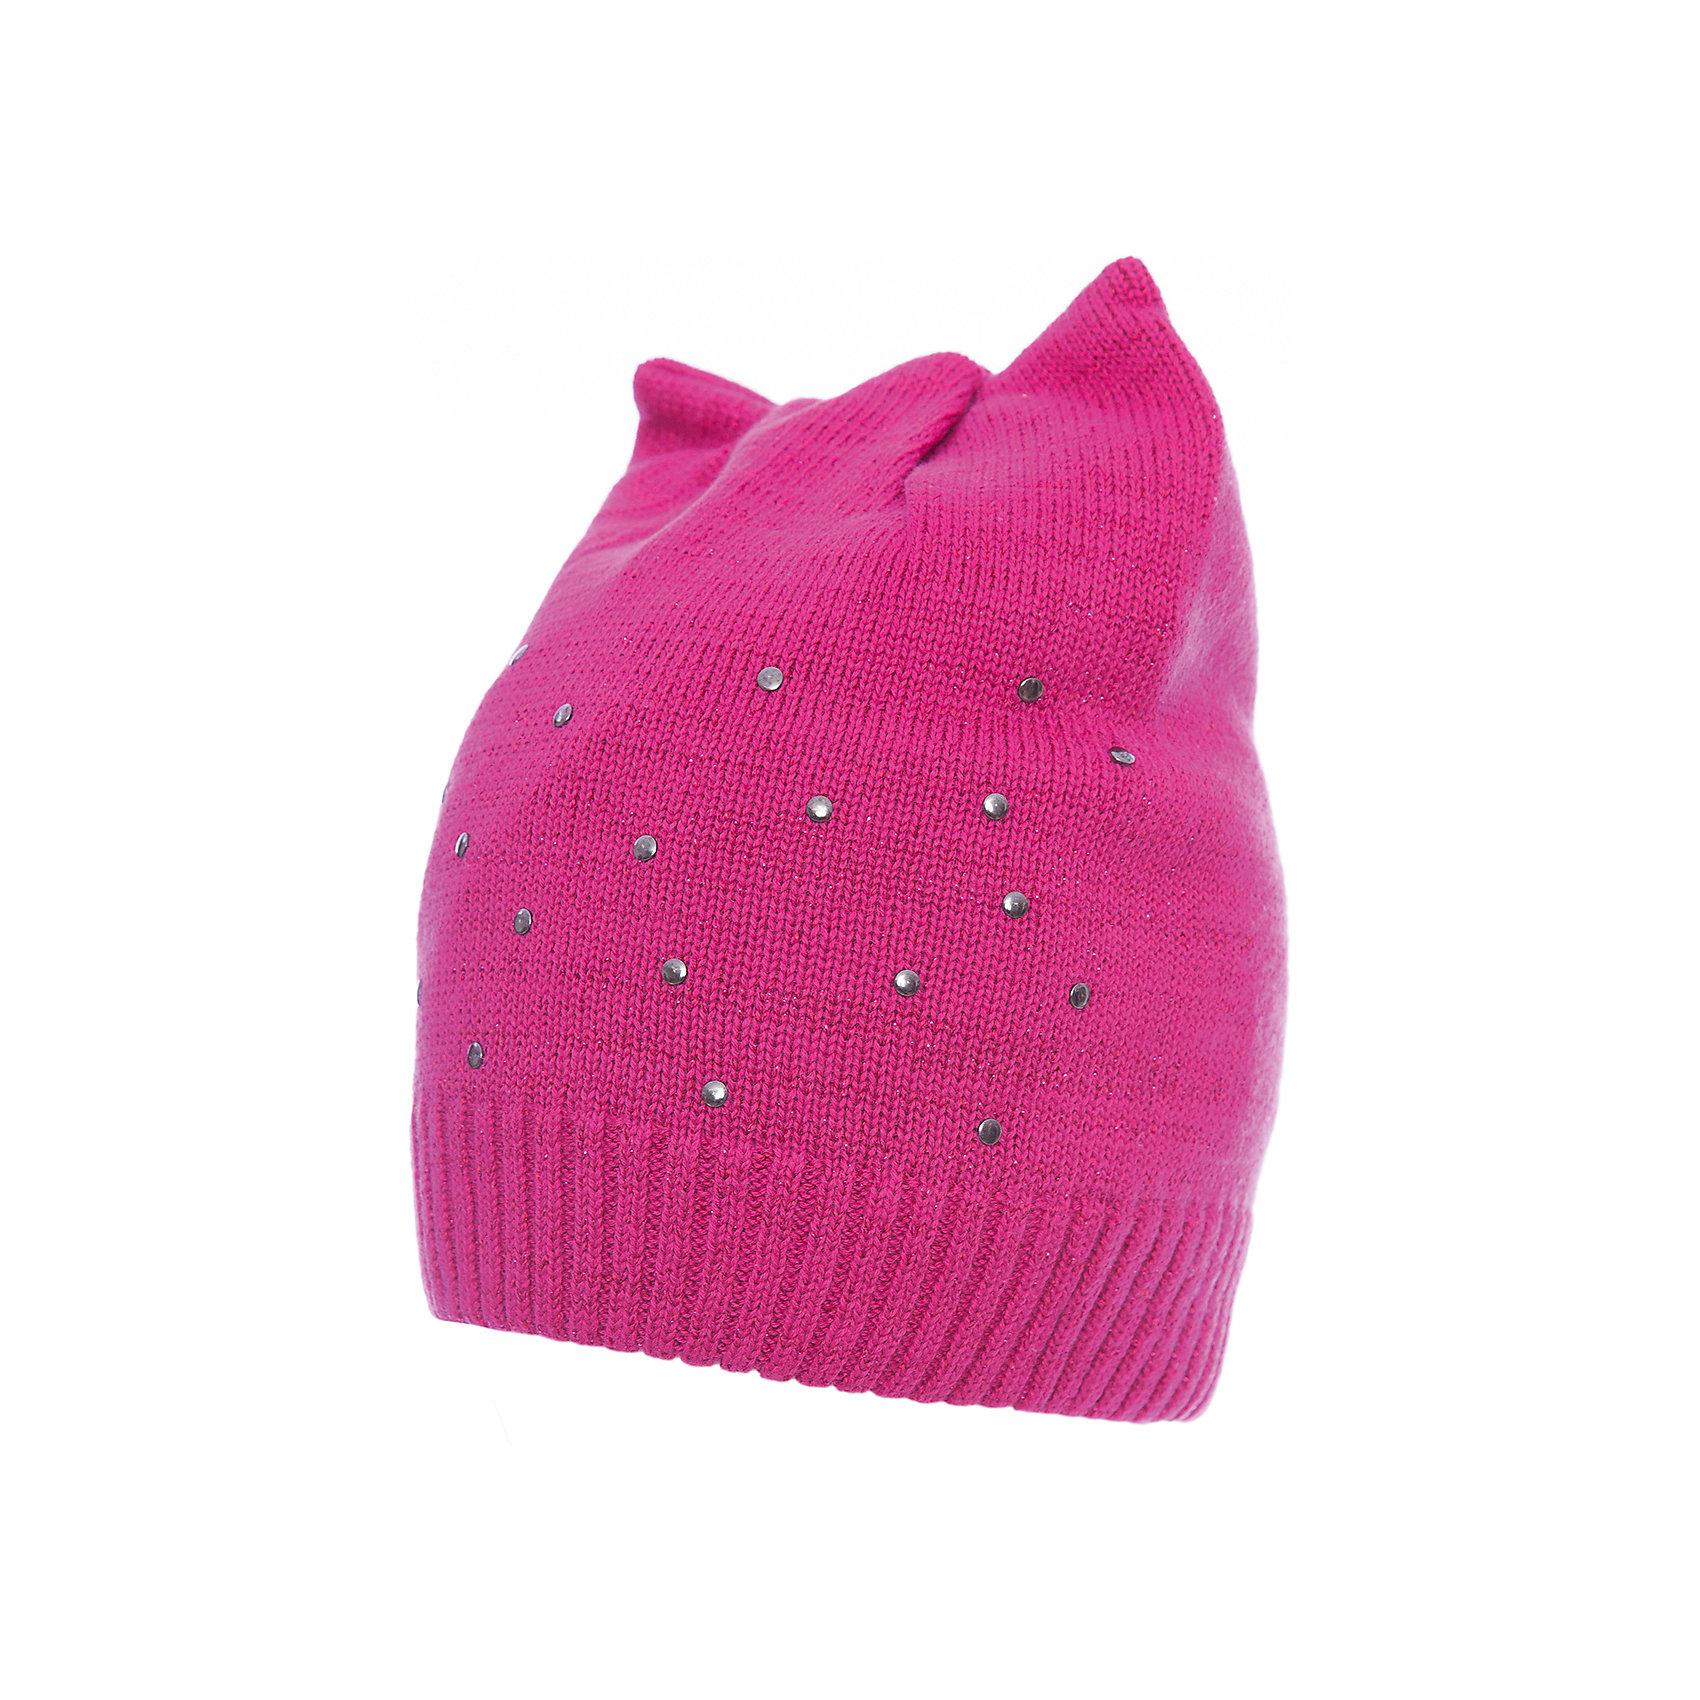 Шапка PlayToday для девочкиГоловные уборы<br>Шапка PlayToday для девочки<br>Двуслойная шапка из мягкого трикотажа с люрексом - отличное решение для холодной погоды. Модель без завязок, плотно прилегает к голове. В качестве декора использованы стразы. Необычная конструкция шапки создает эффект ушек.<br>Состав:<br>80% хлопок, 18% нейлон, 2% эластан<br><br>Ширина мм: 89<br>Глубина мм: 117<br>Высота мм: 44<br>Вес г: 155<br>Цвет: розовый<br>Возраст от месяцев: 24<br>Возраст до месяцев: 36<br>Пол: Женский<br>Возраст: Детский<br>Размер: 50,54,52<br>SKU: 7115305